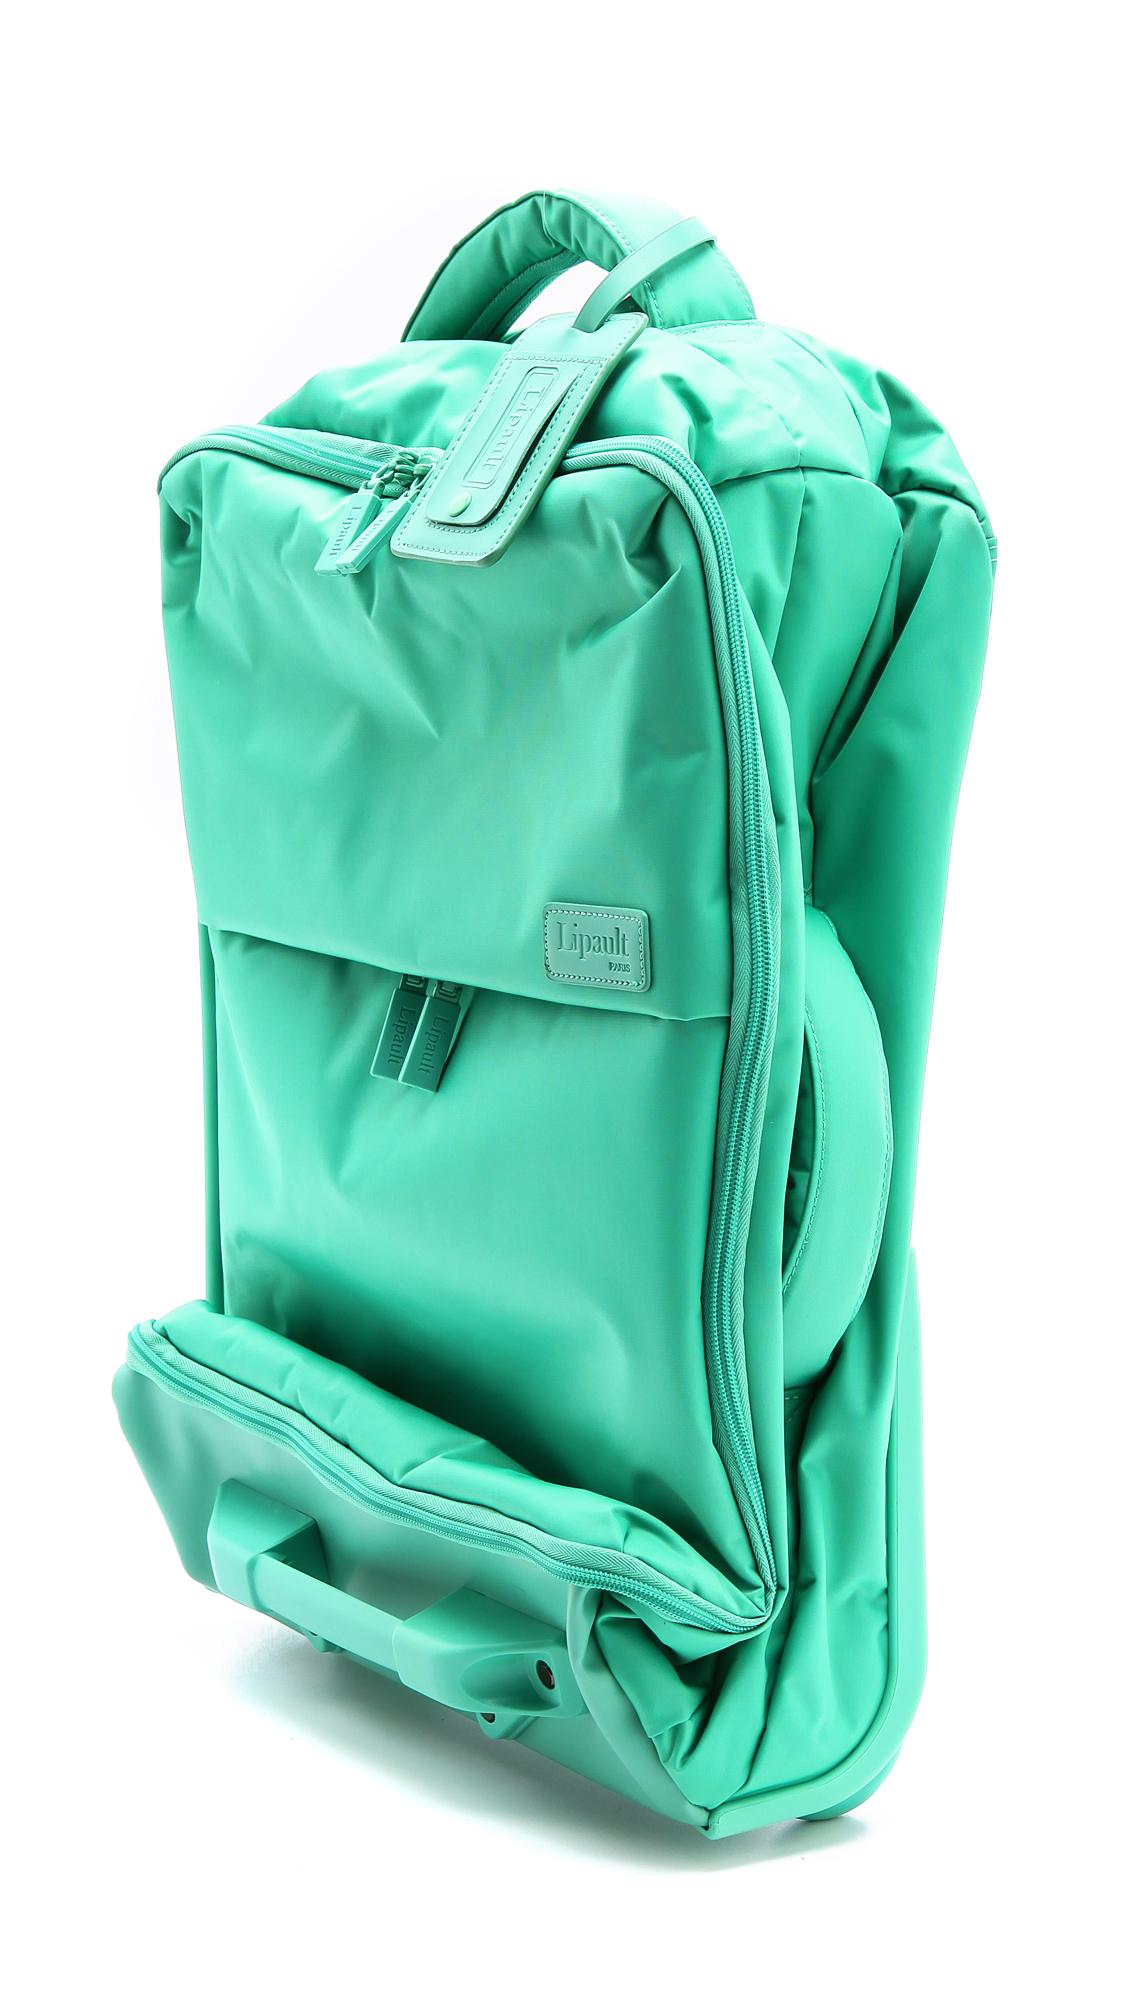 Lipault Foldable 22